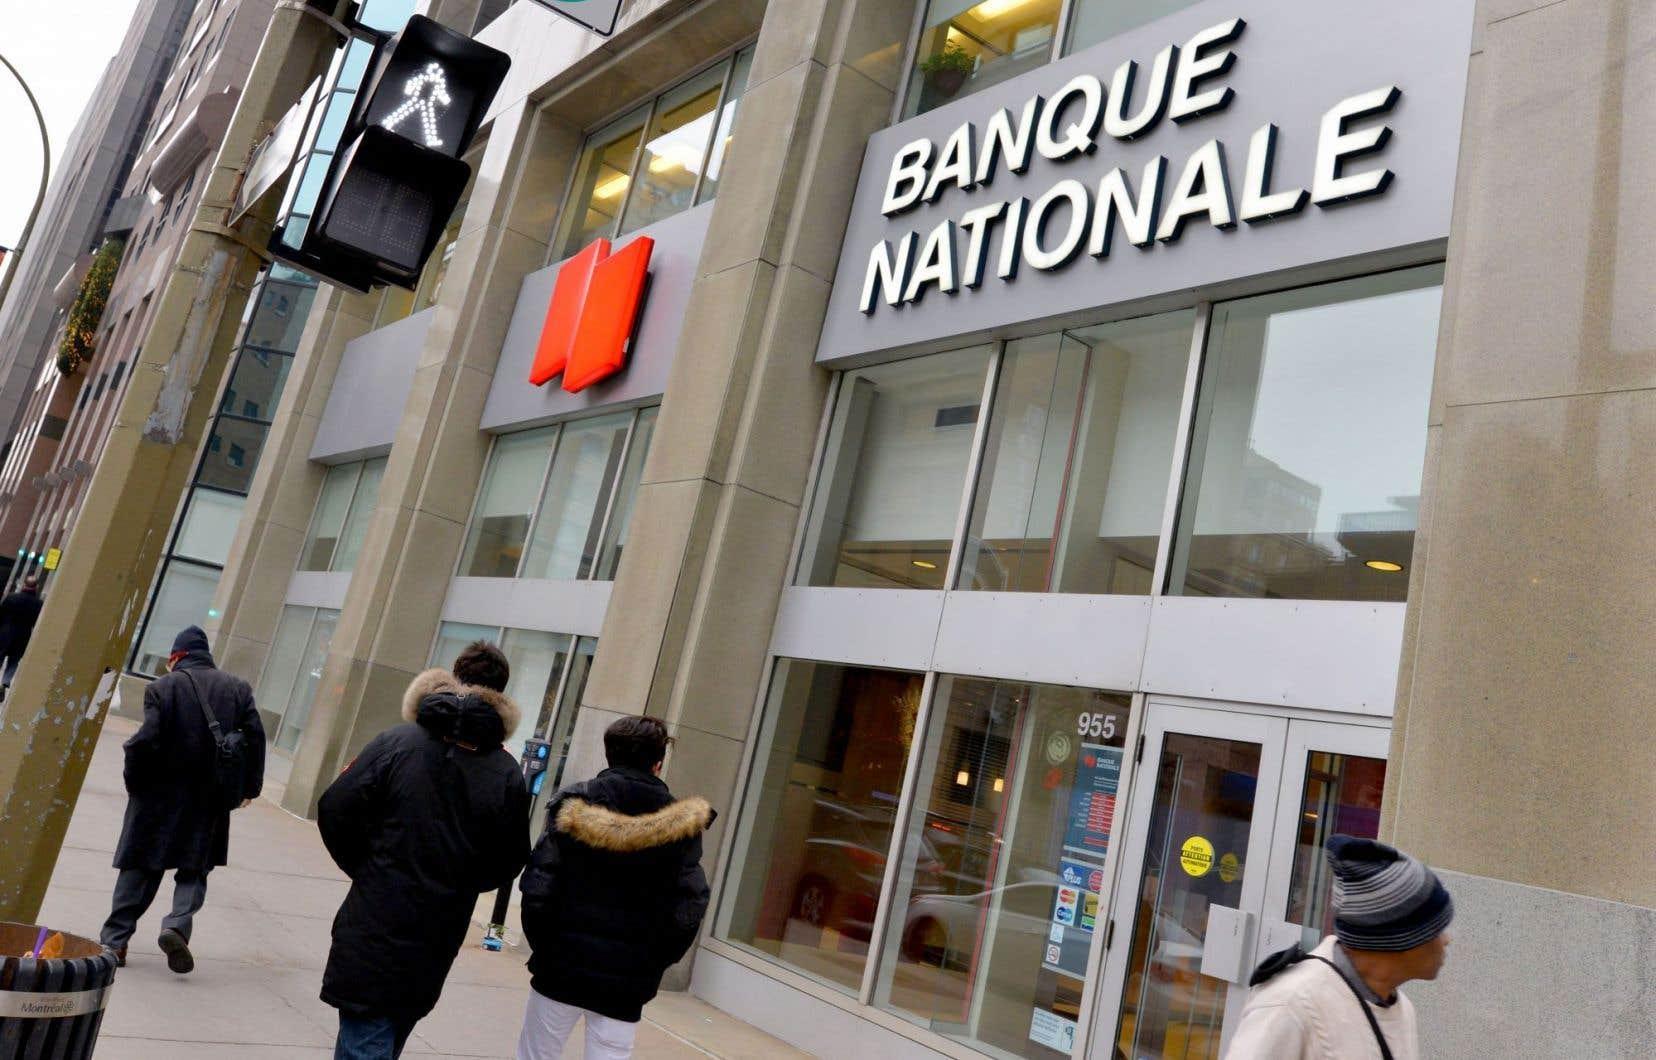 Les deux divisions de la Banque Nationale ont consenti à acquitter une pénalité de 65 000$.